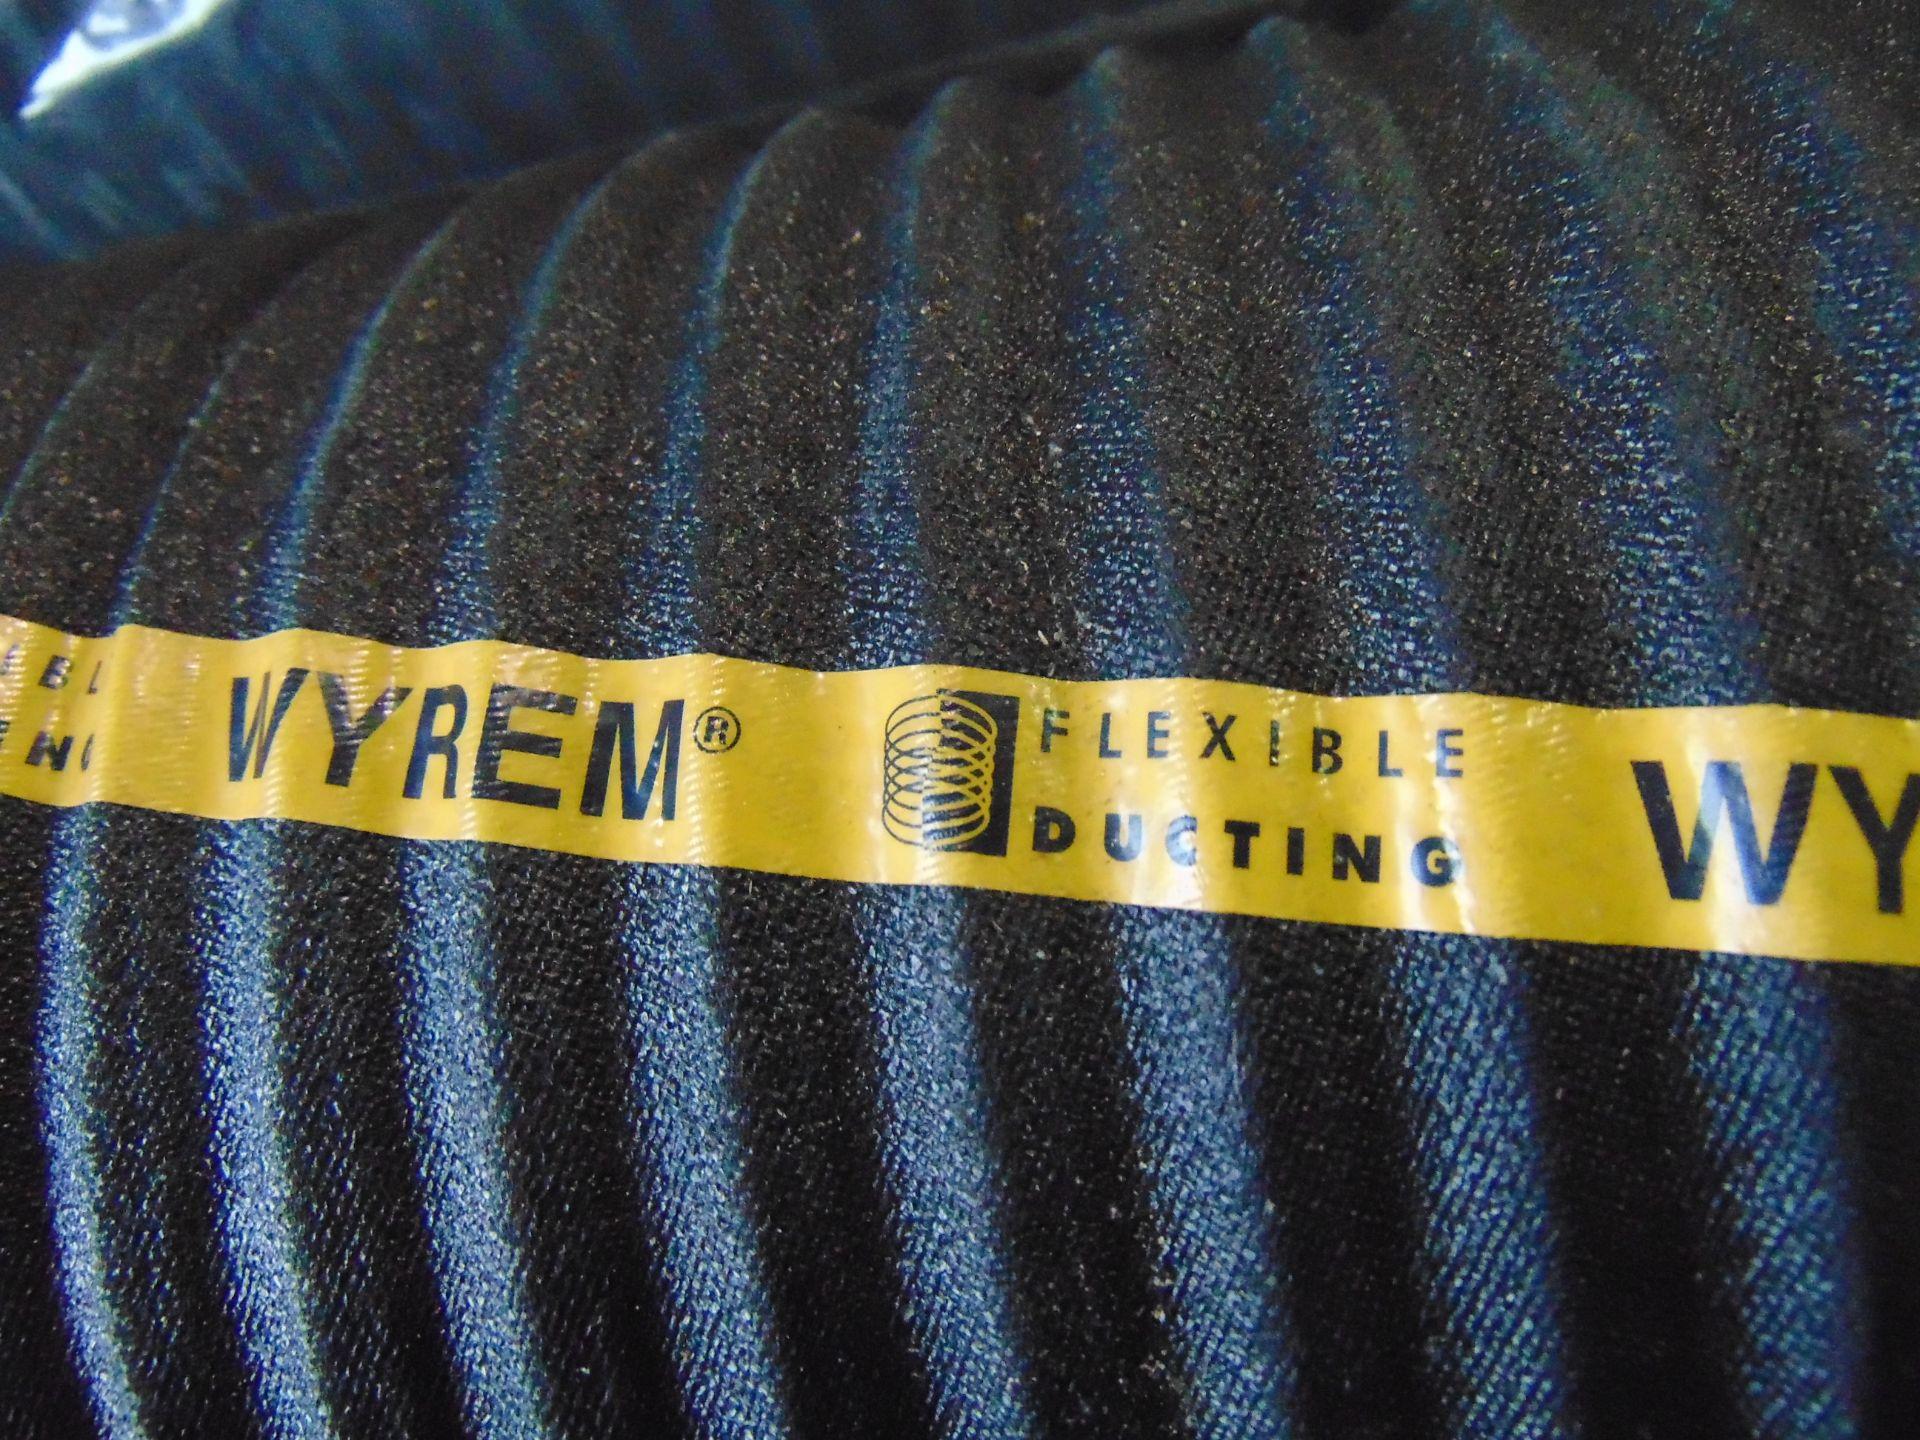 Lot 26834 - 3 x Unissued Wyrem Flexible Ducting Hoses